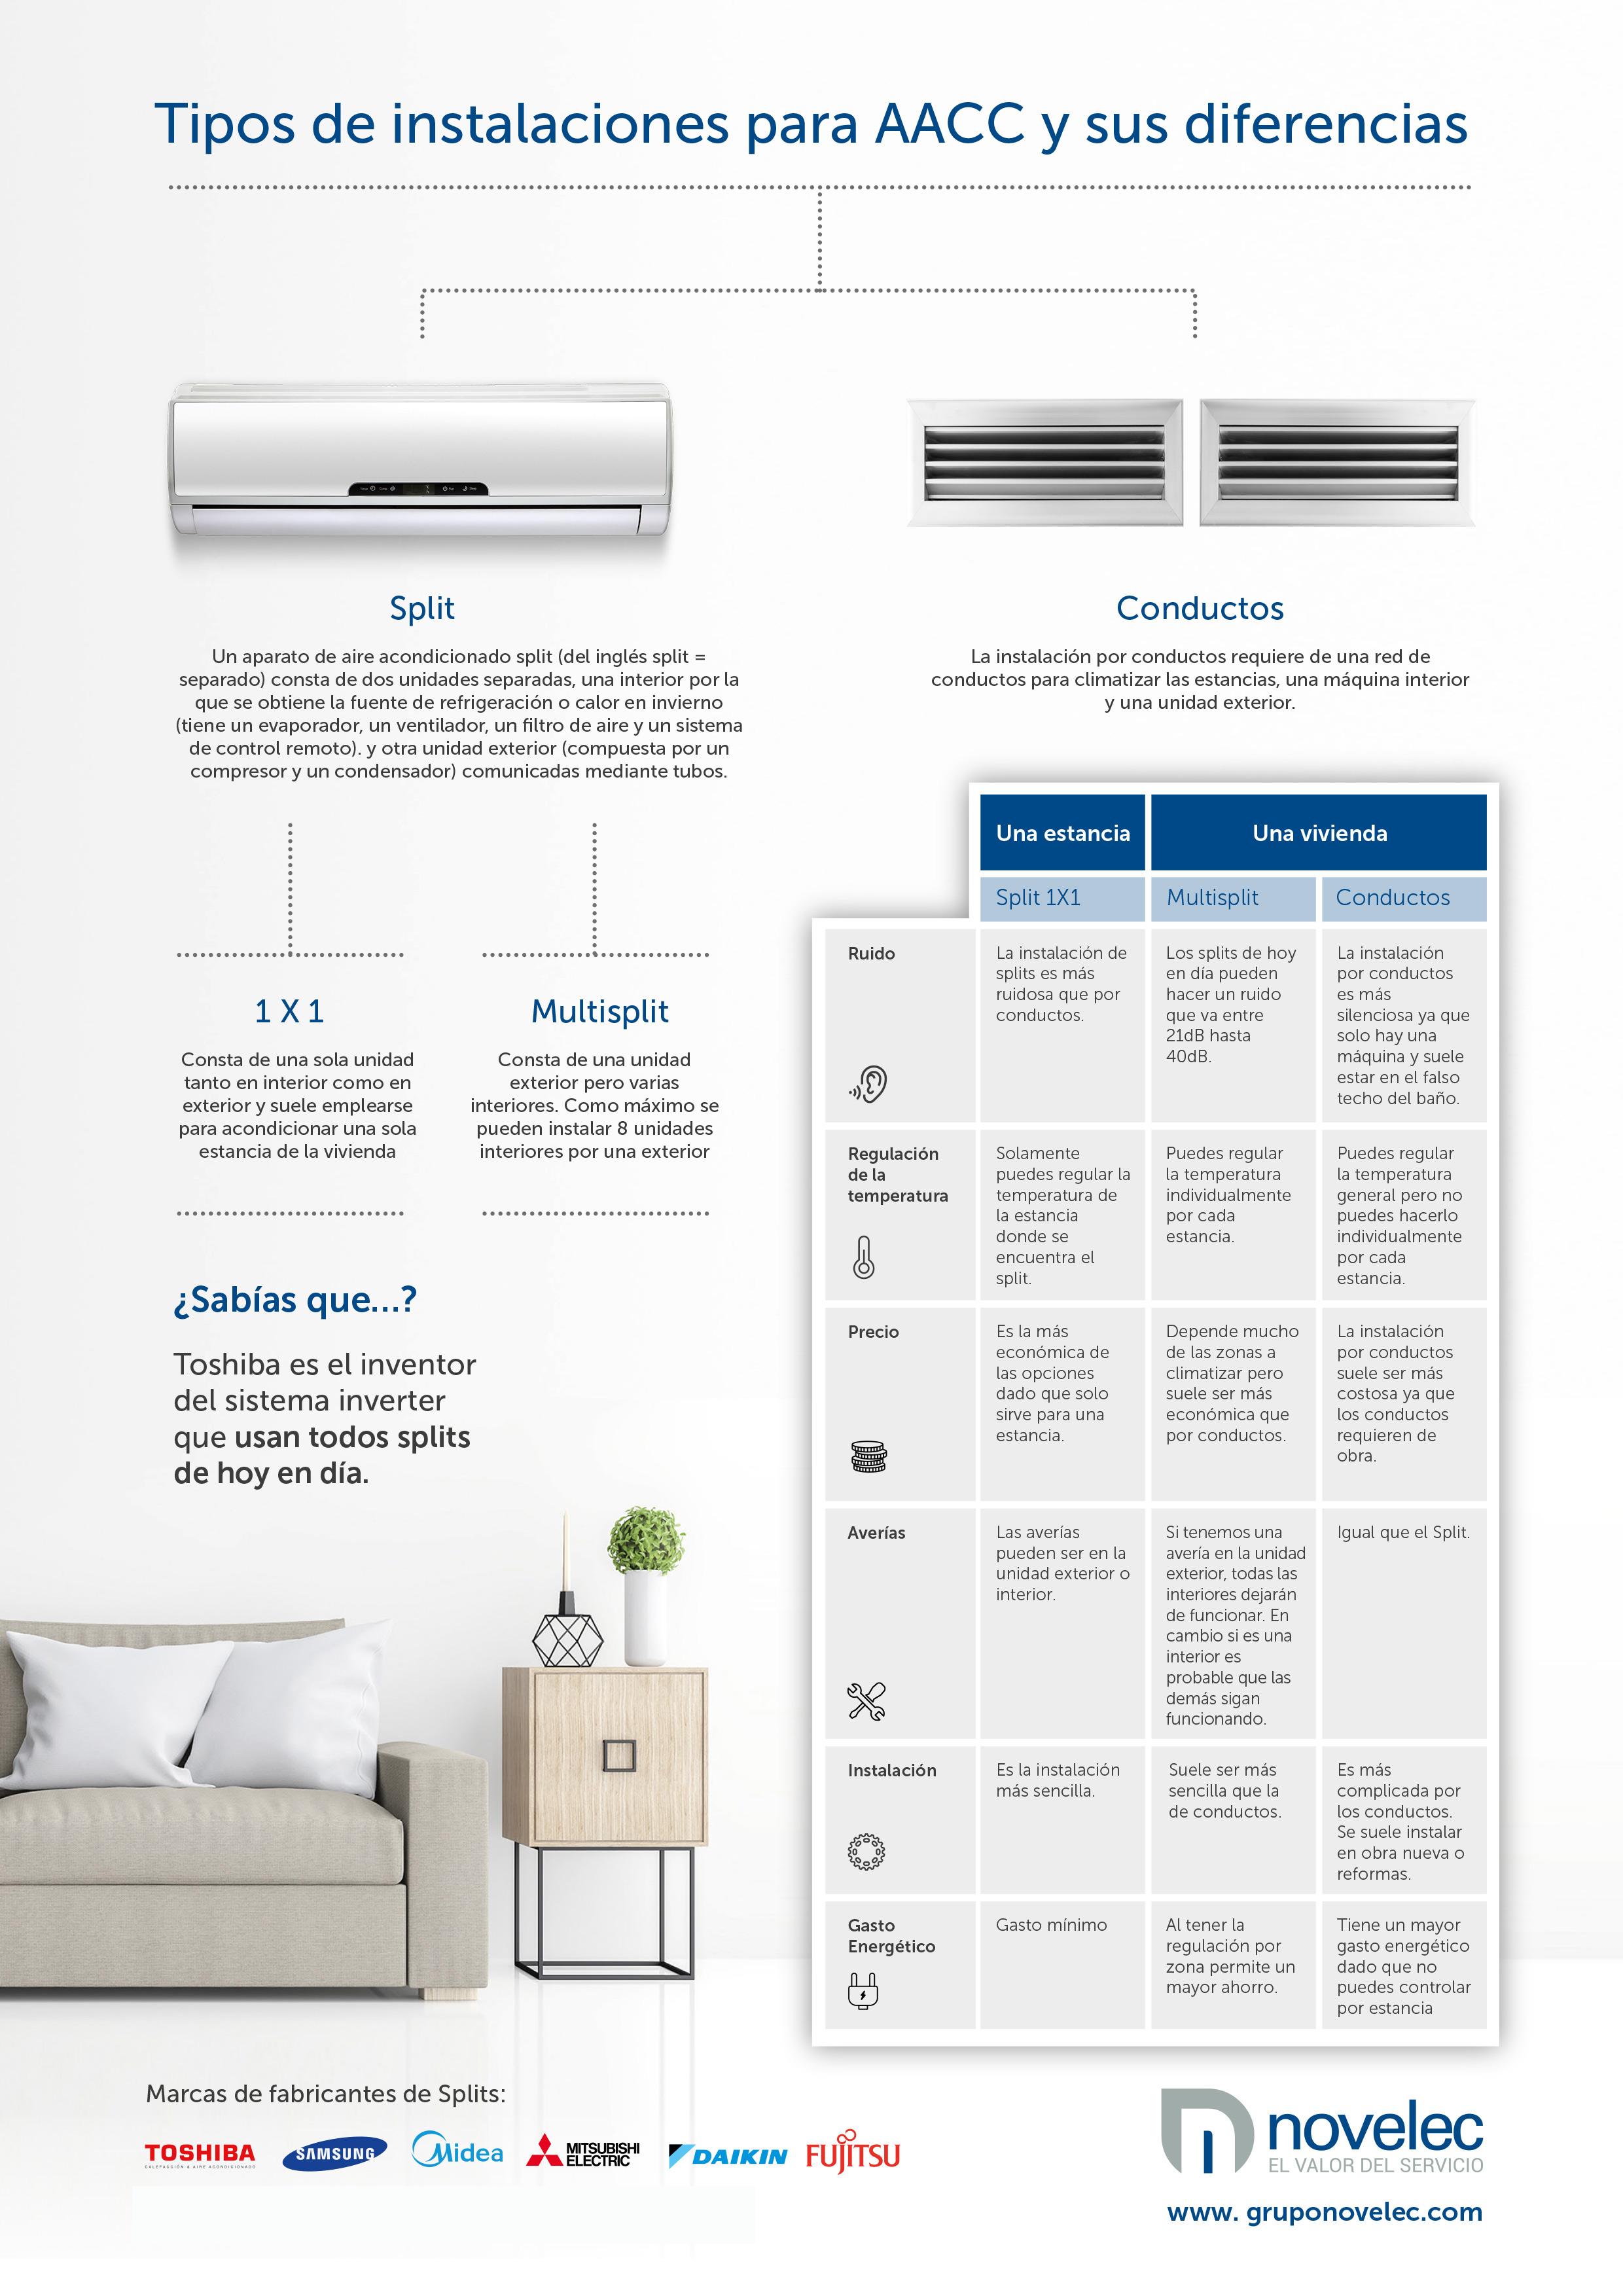 tipos de sistemas para aire acondicinado split multisplit conductos